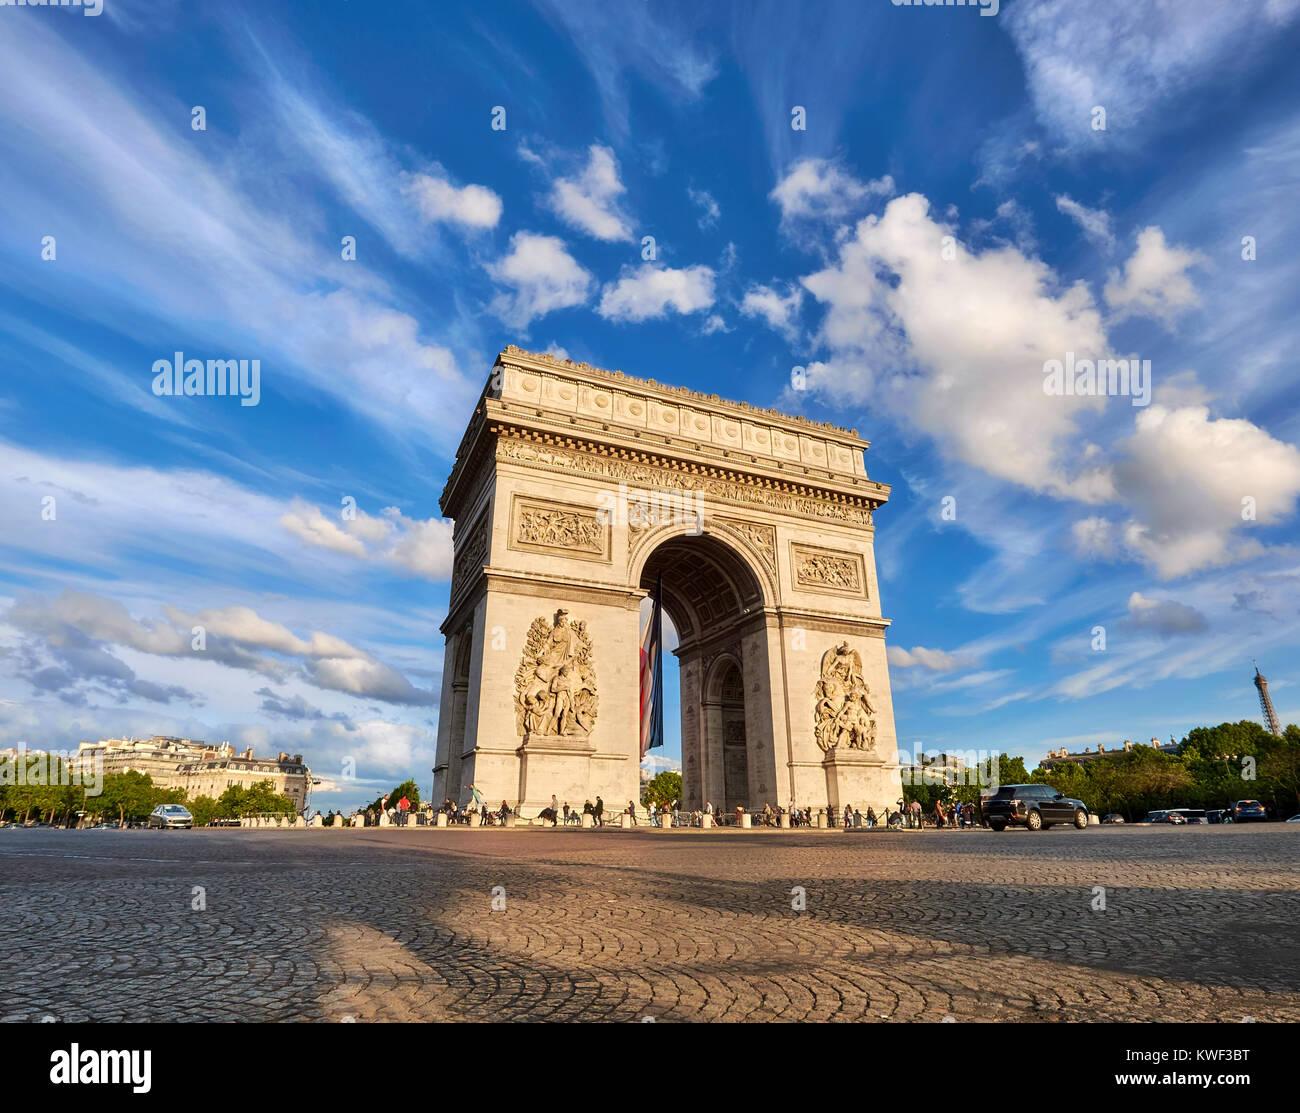 Arco de Triunfo en París, Francia, en una tarde con plumas brillantes nubes detrás, imagen panorámica. Imagen De Stock